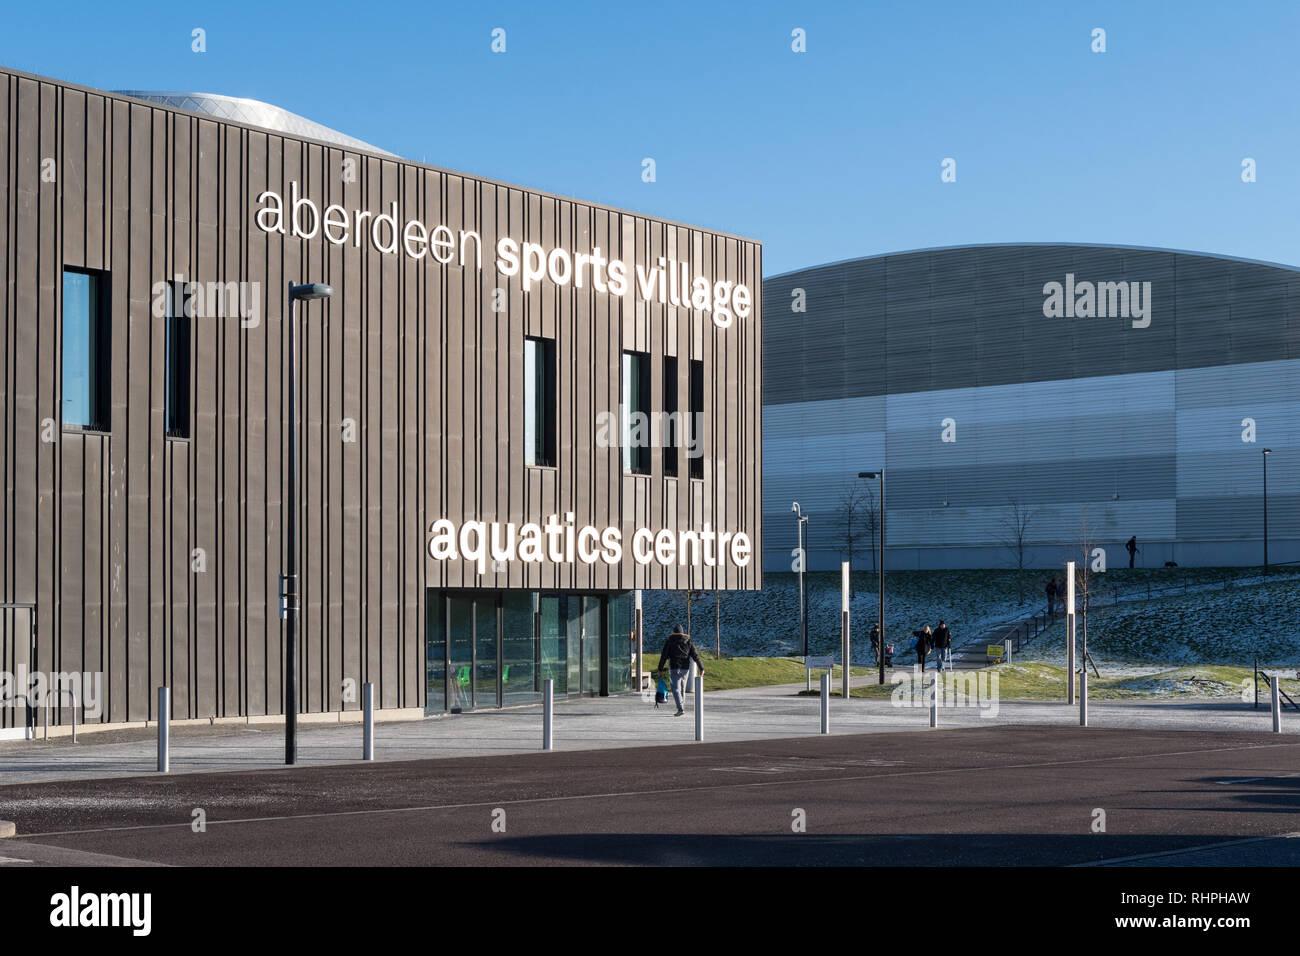 Aberdeen Sports Village et centre aquatique, Aberdeen, Écosse, Royaume-Uni Photo Stock